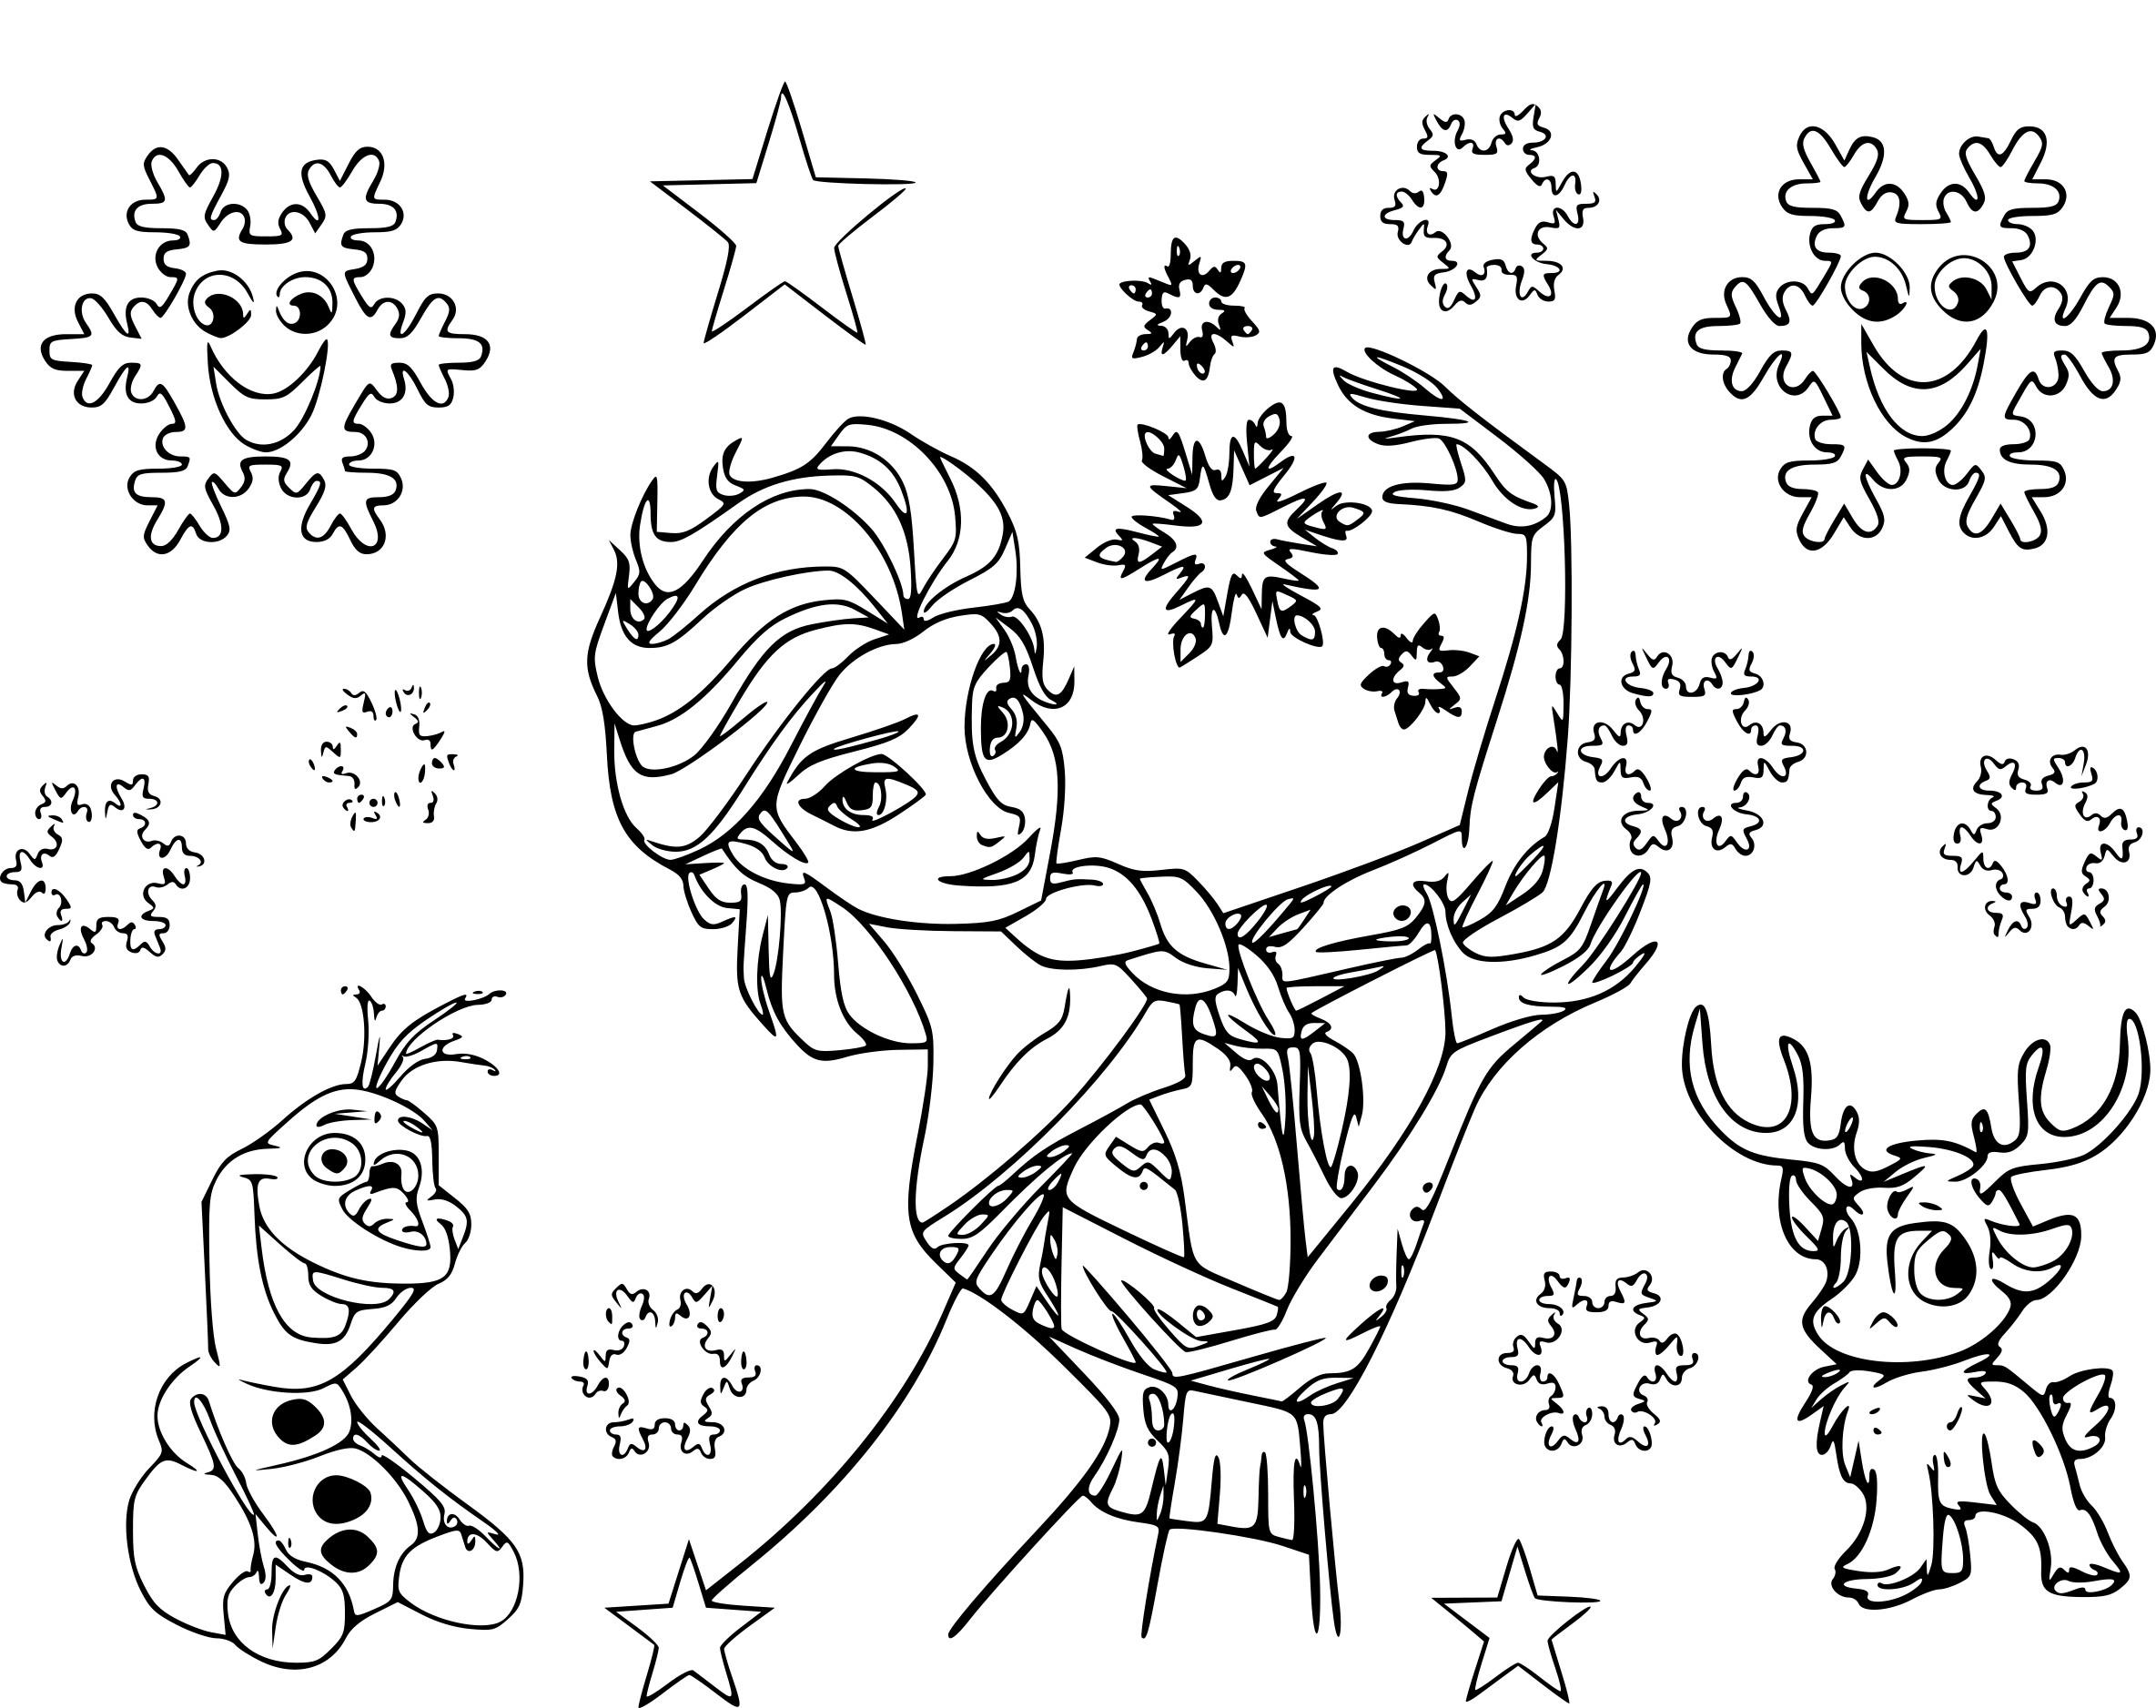 Coloriage etoile reine des neiges imprimer sur coloriages info - Dessin etoile des neiges ...